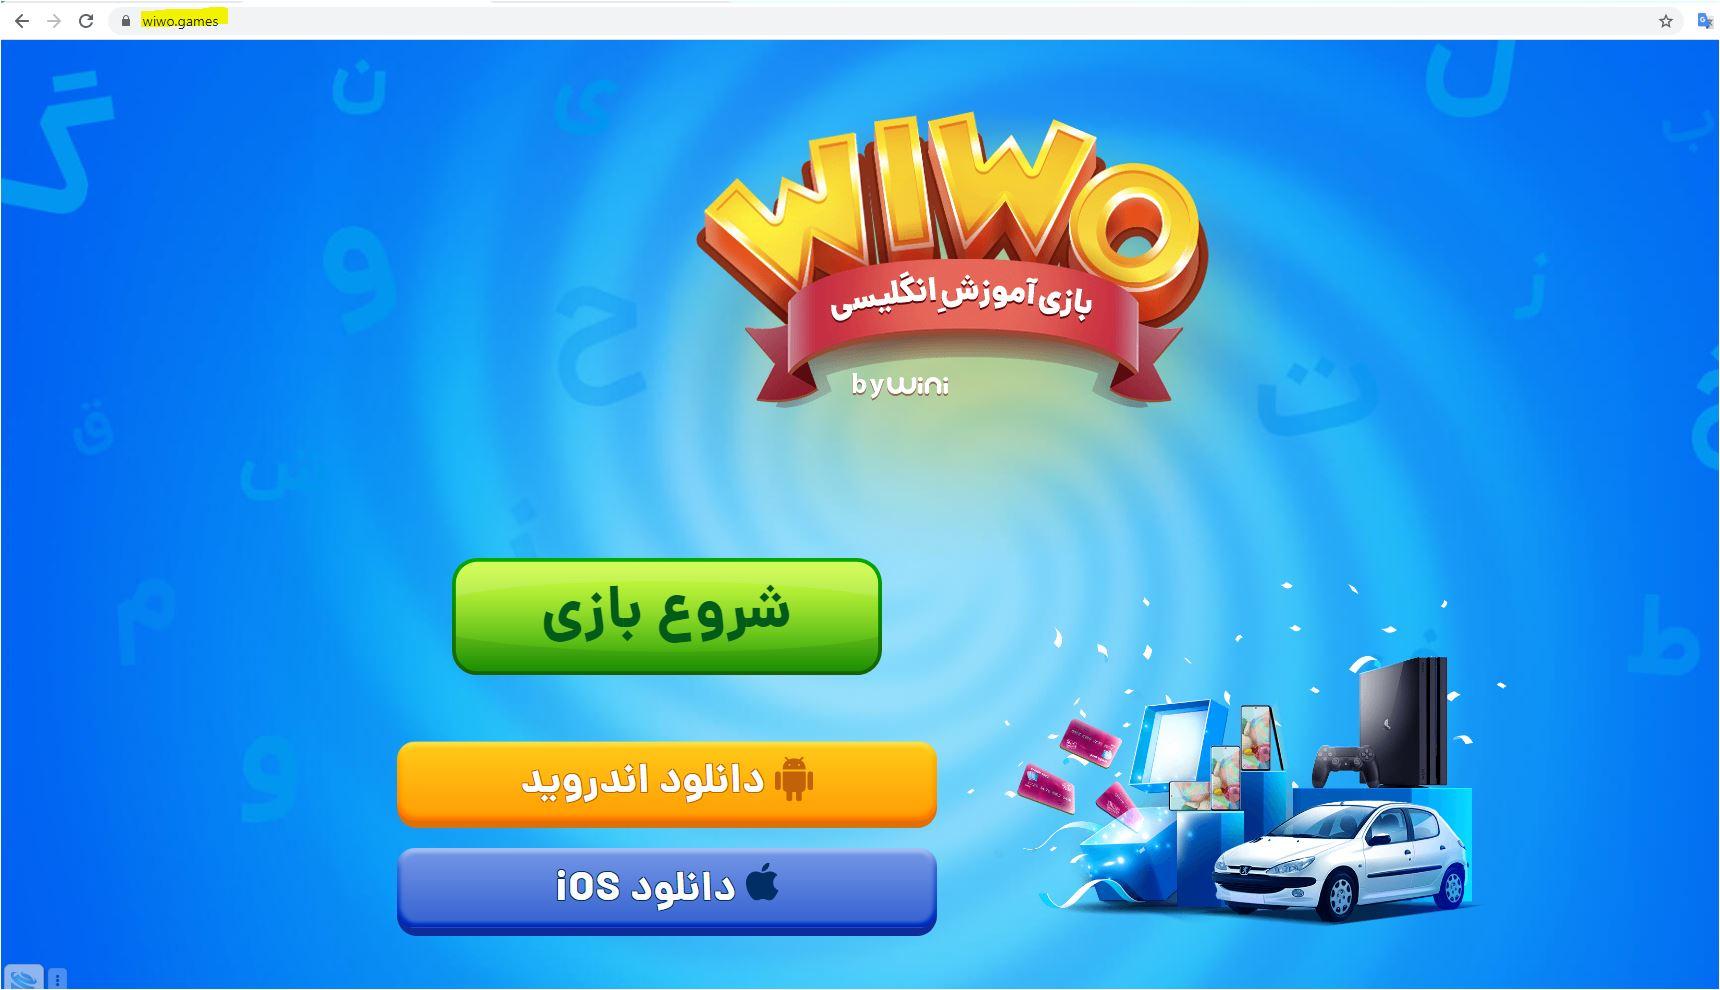 اپلیکیشن wiwo